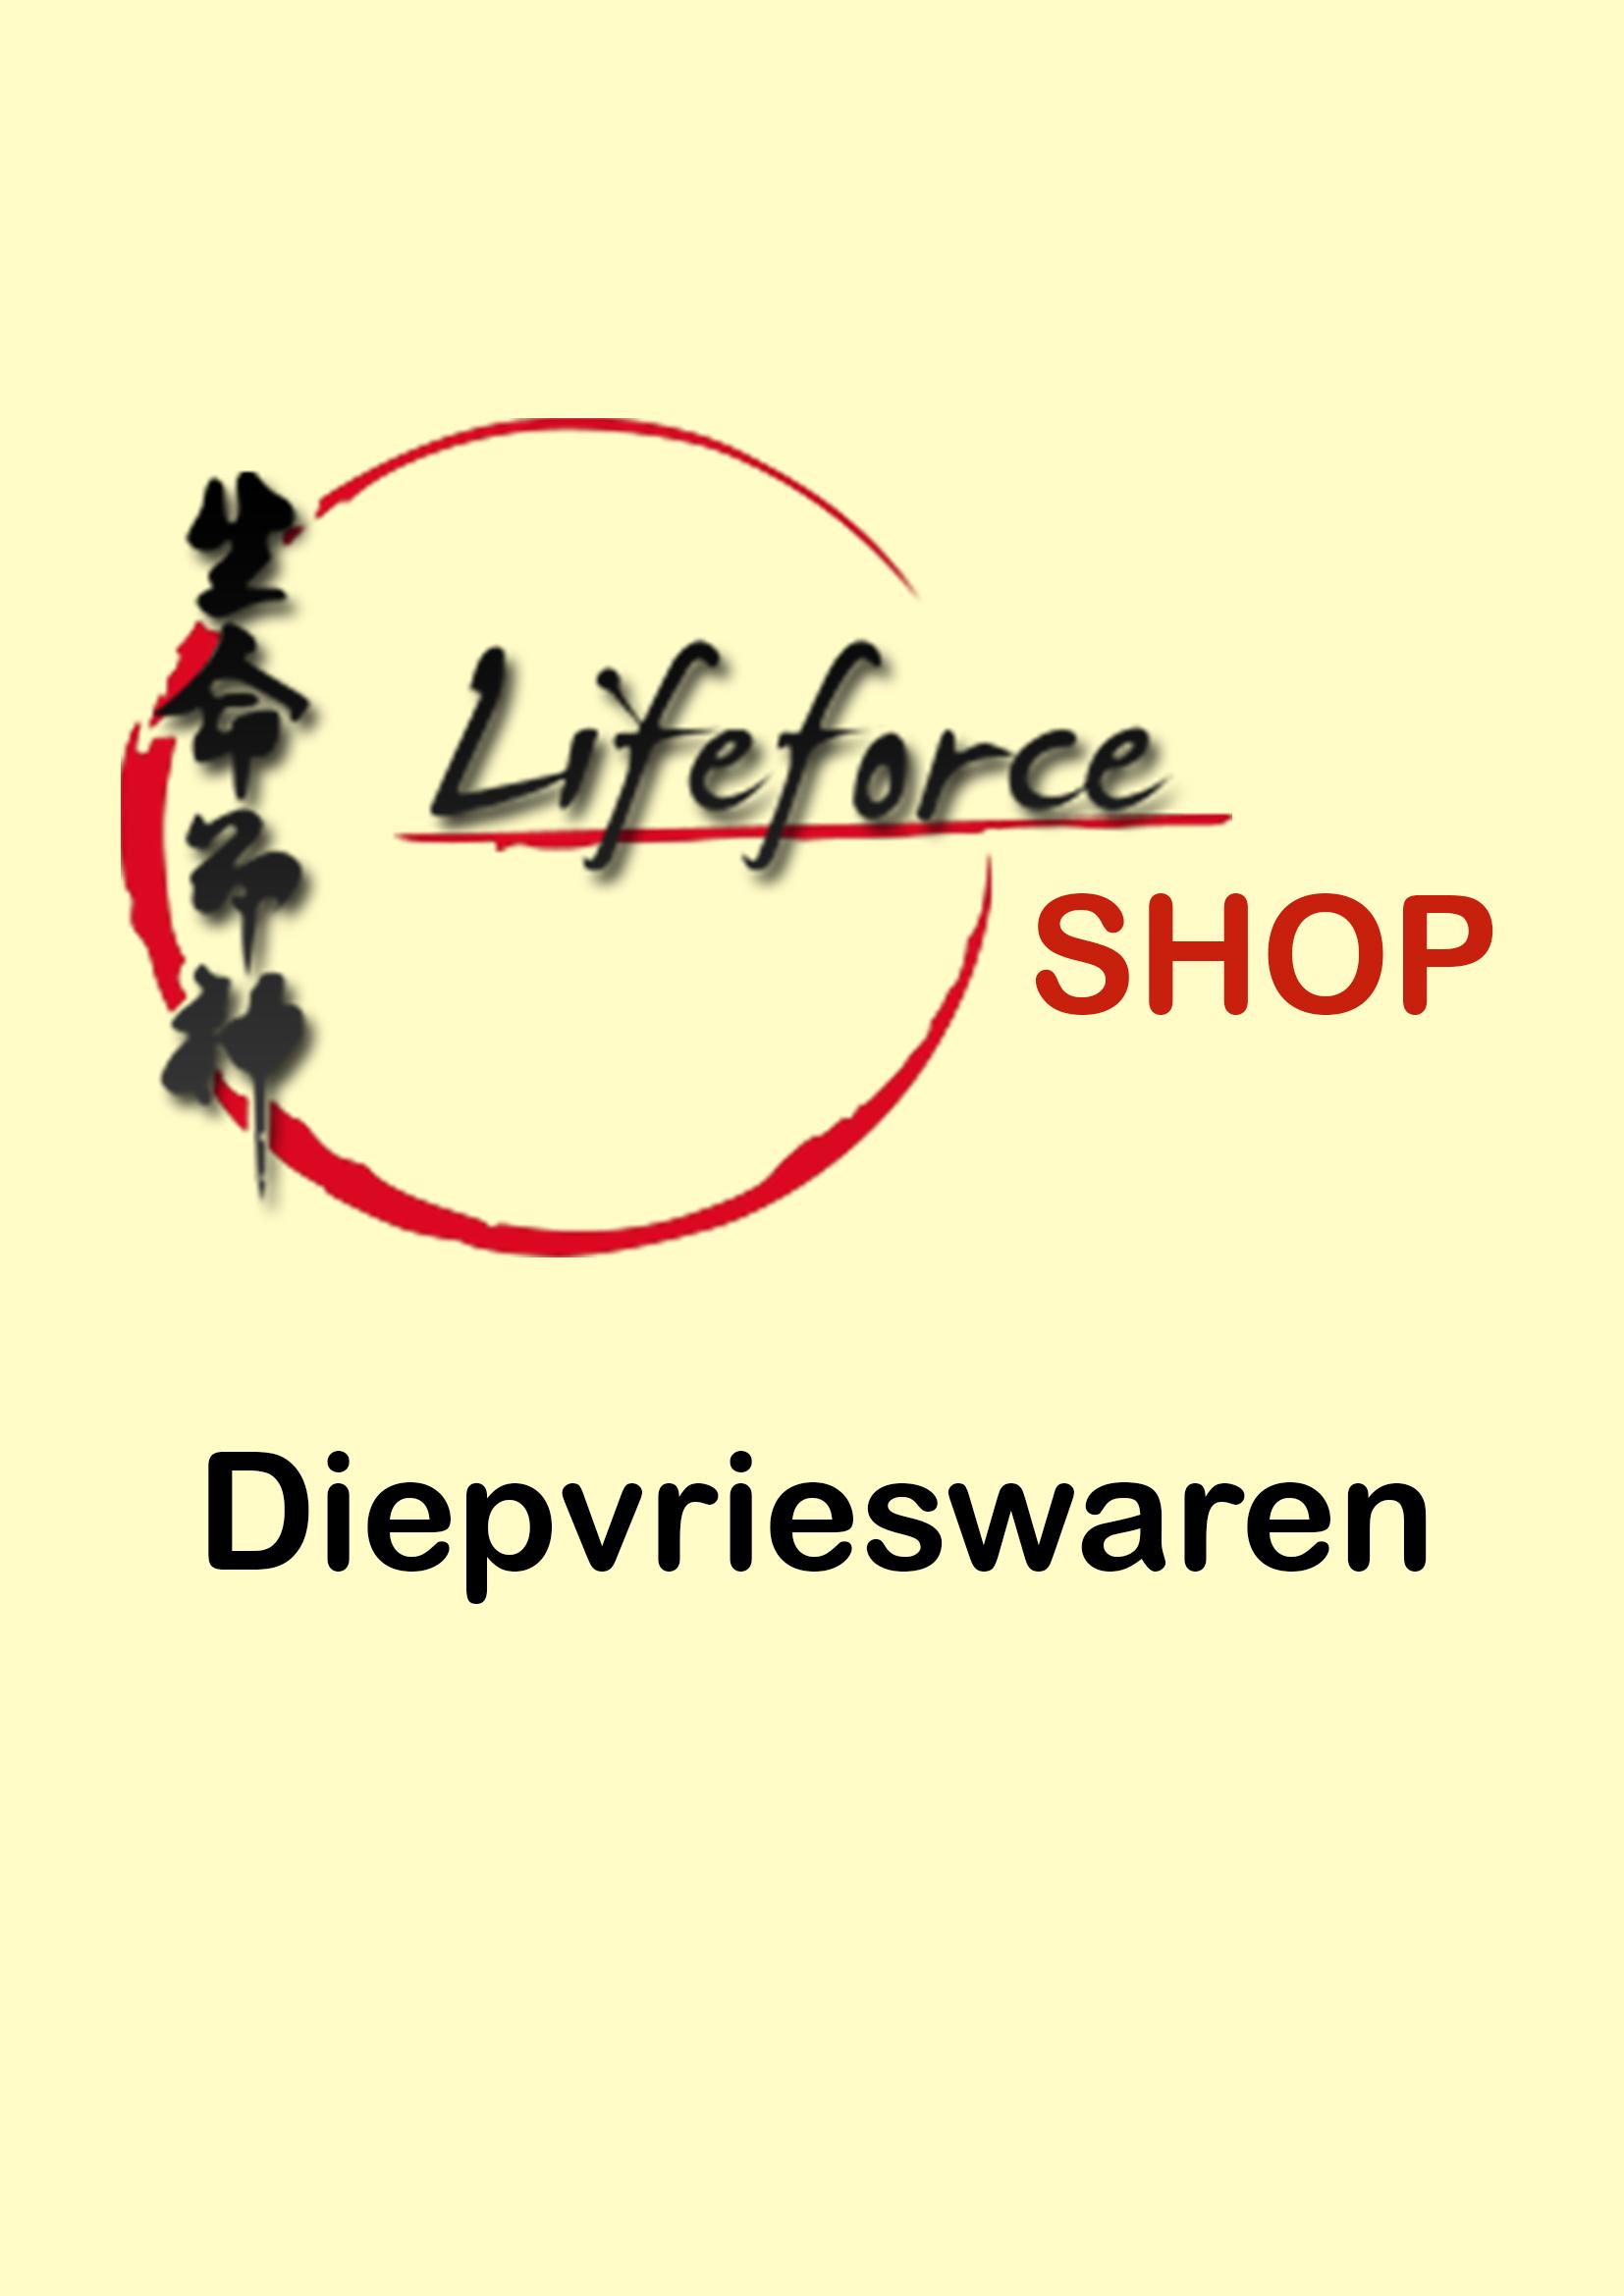 Lifeforce Shop - Diepvrieswaren